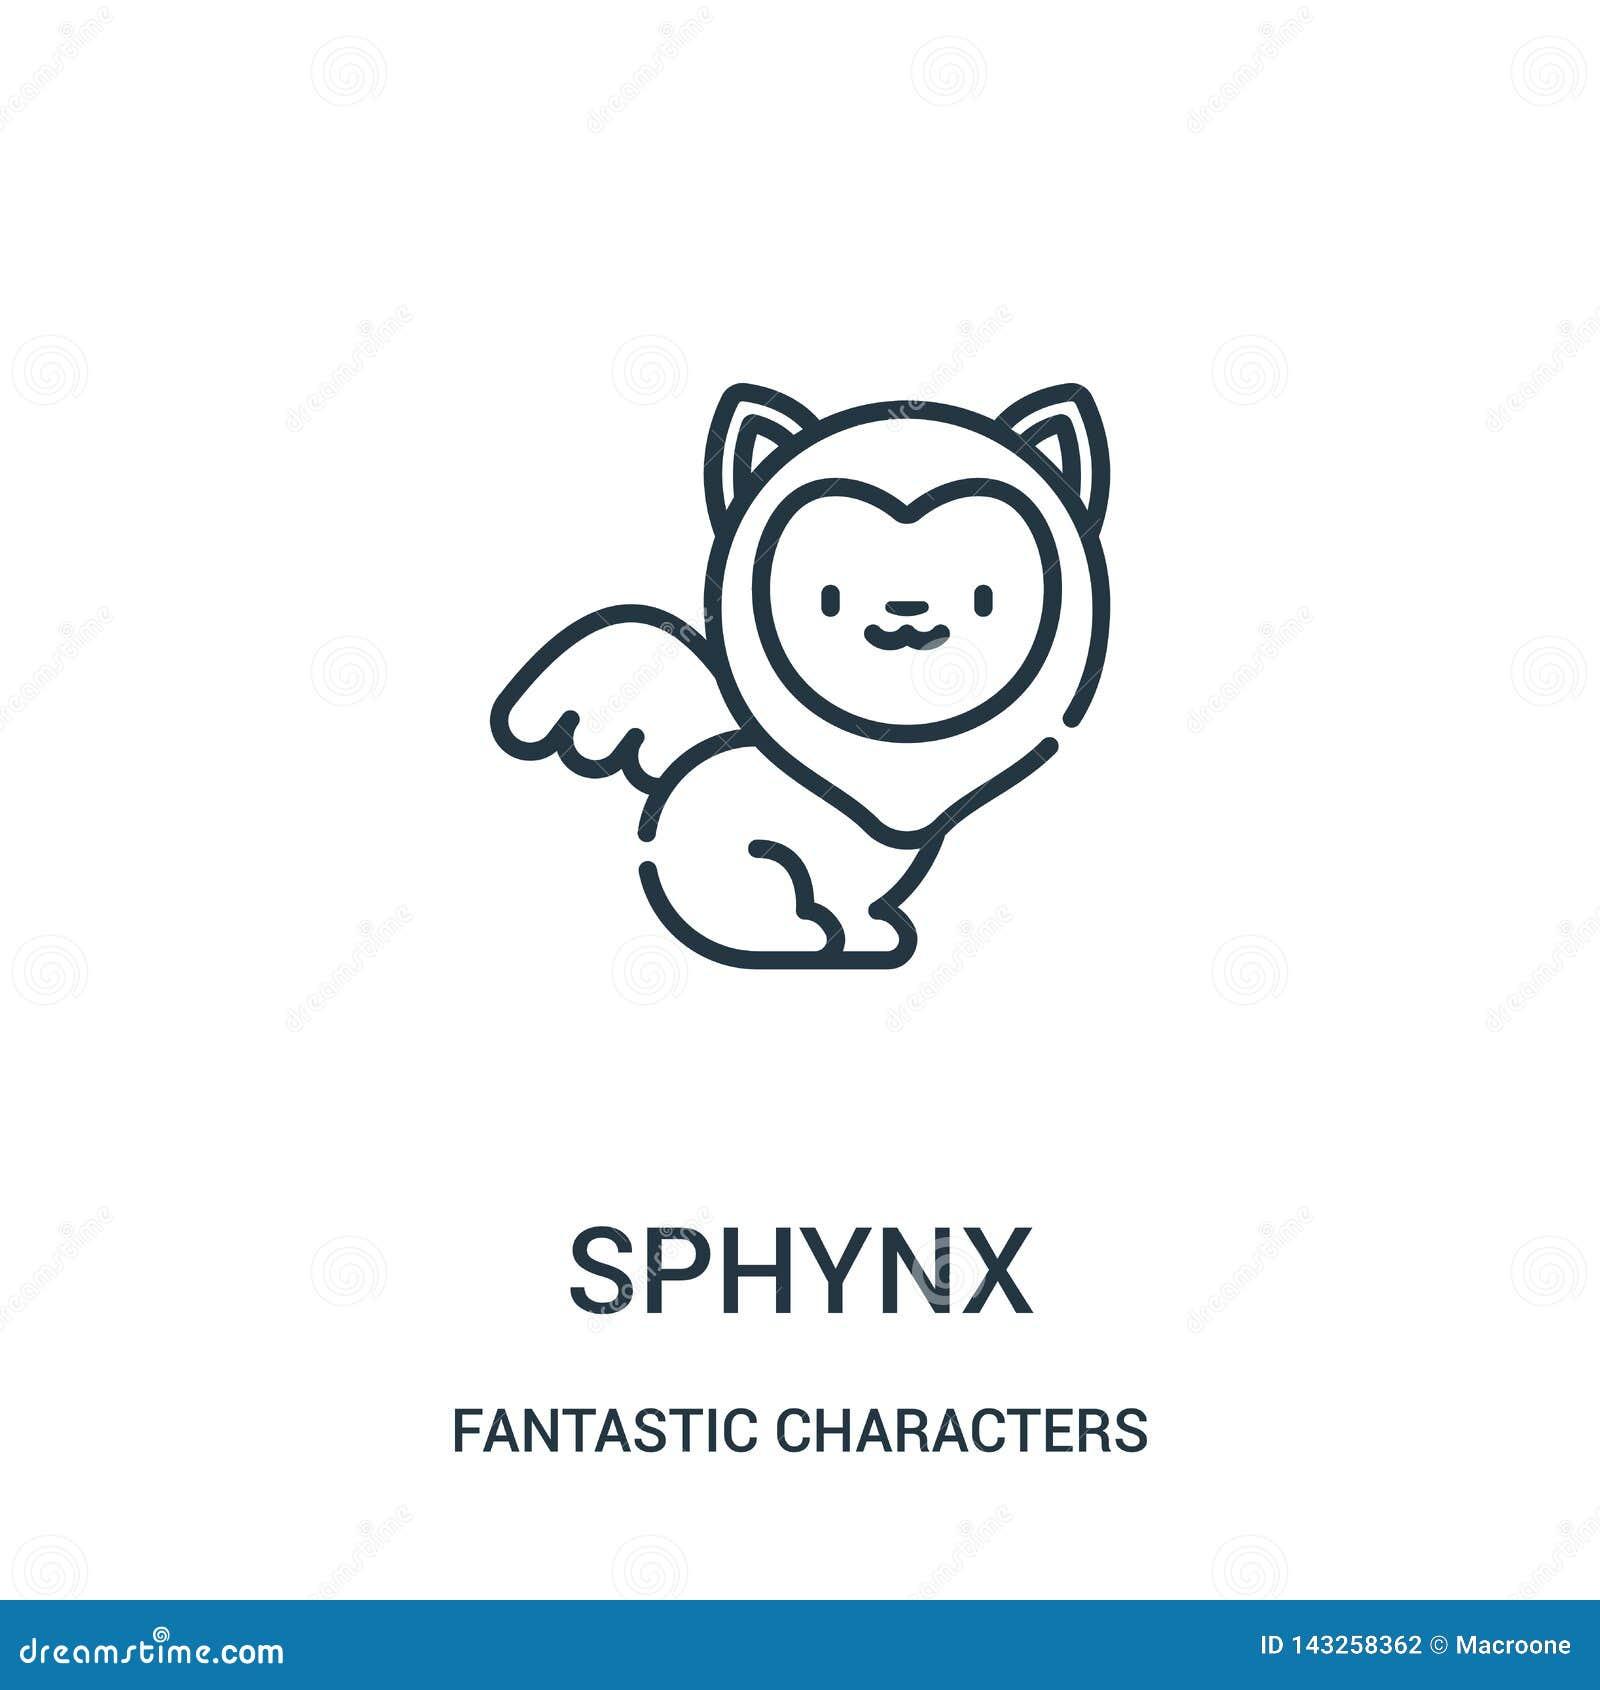 Sphynx διάνυσμα εικονιδίων από τη φανταστική συλλογή χαρακτήρων Η λεπτή γραμμή sphynx περιγράφει τη διανυσματική απεικόνιση εικον